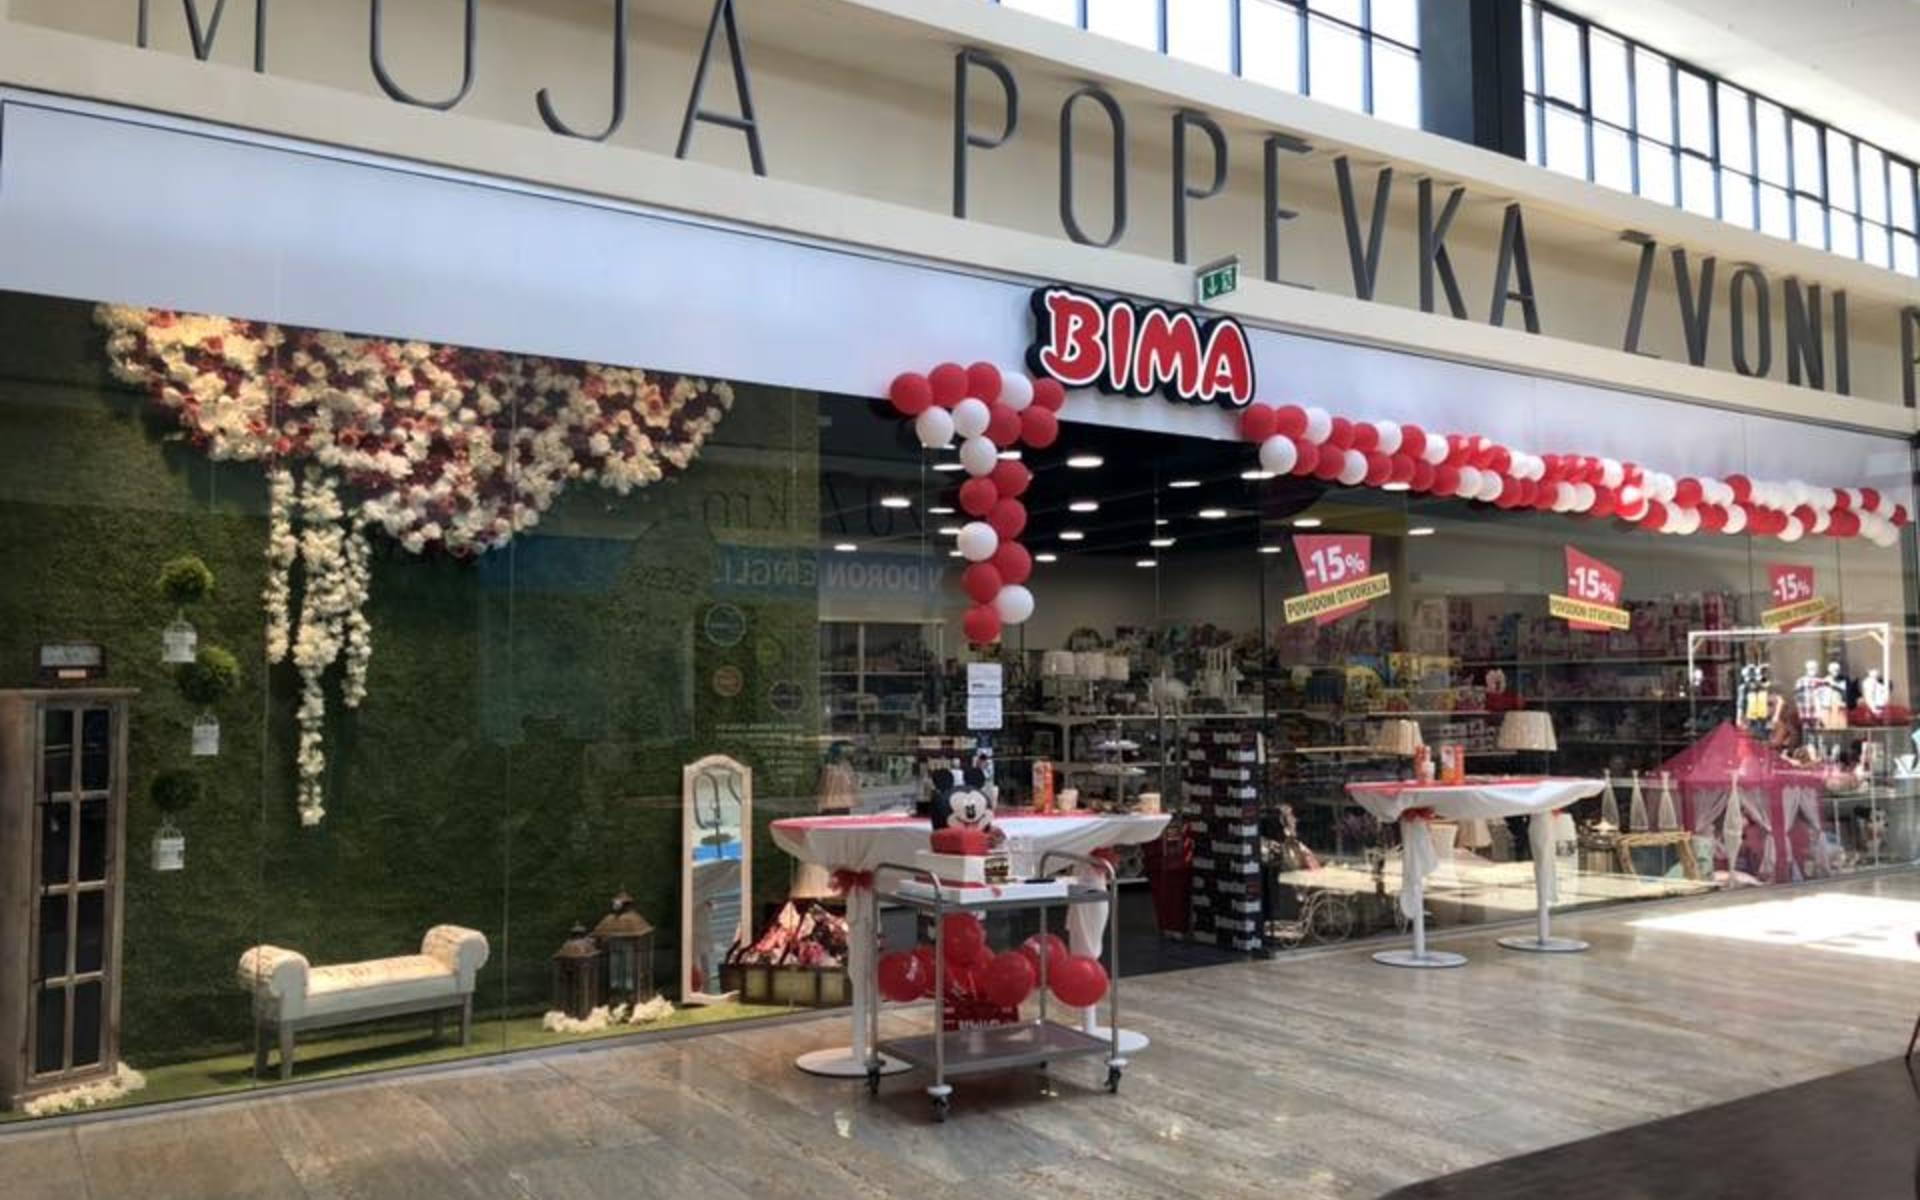 Otvorena je nova trgovina - BIMA!